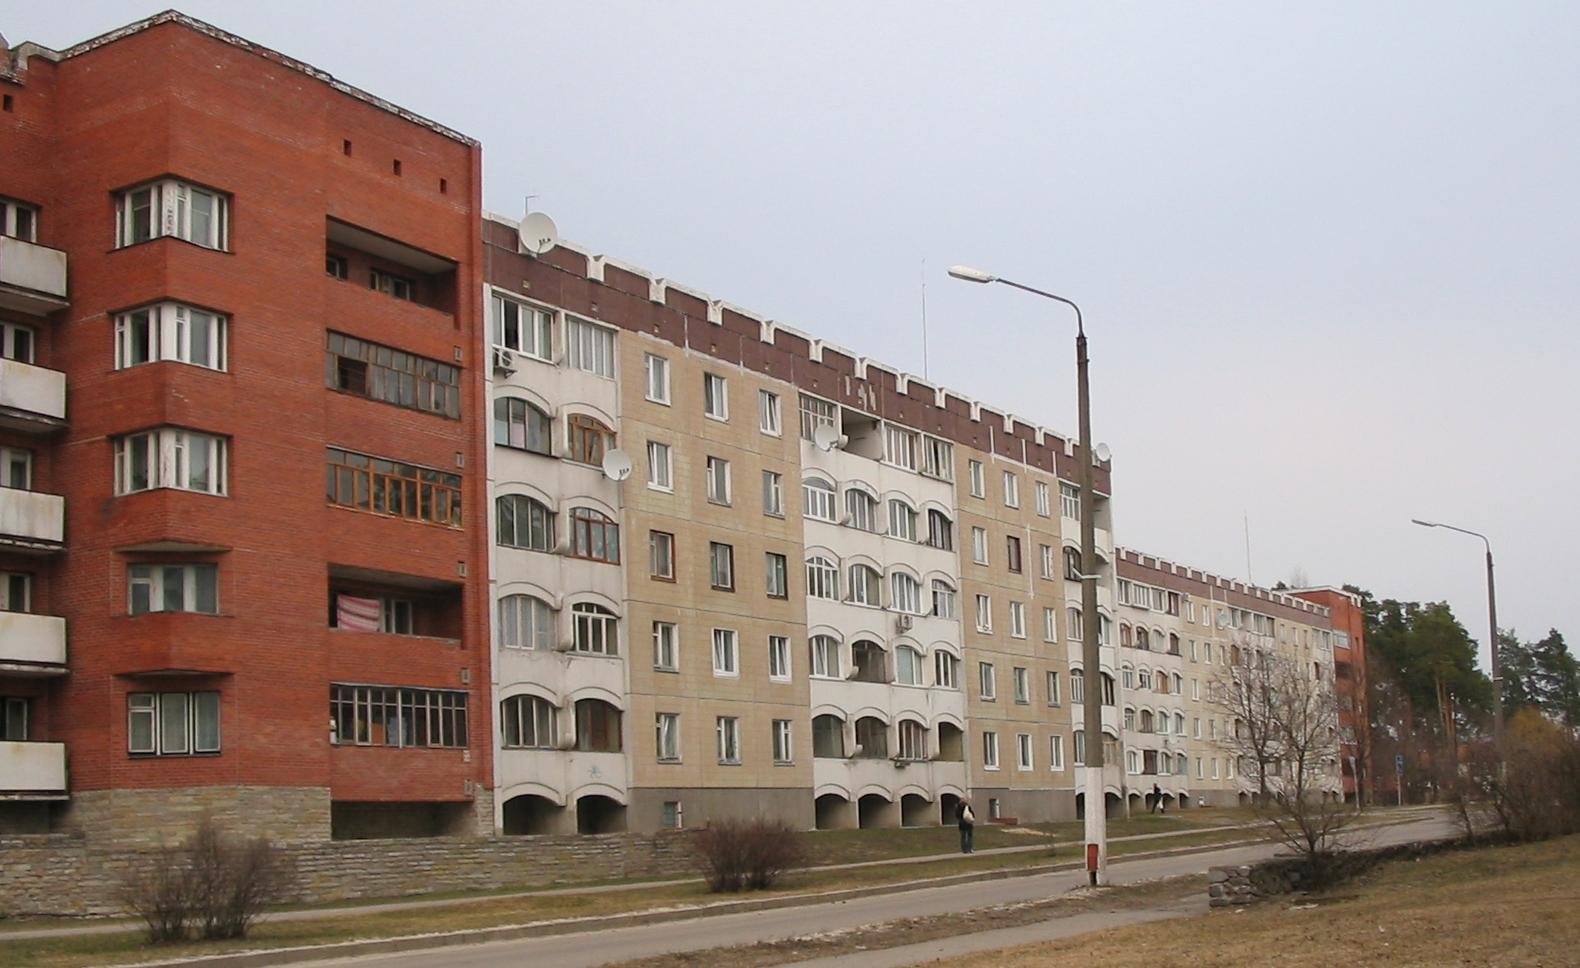 Sławutycz - architektura, fot. własna